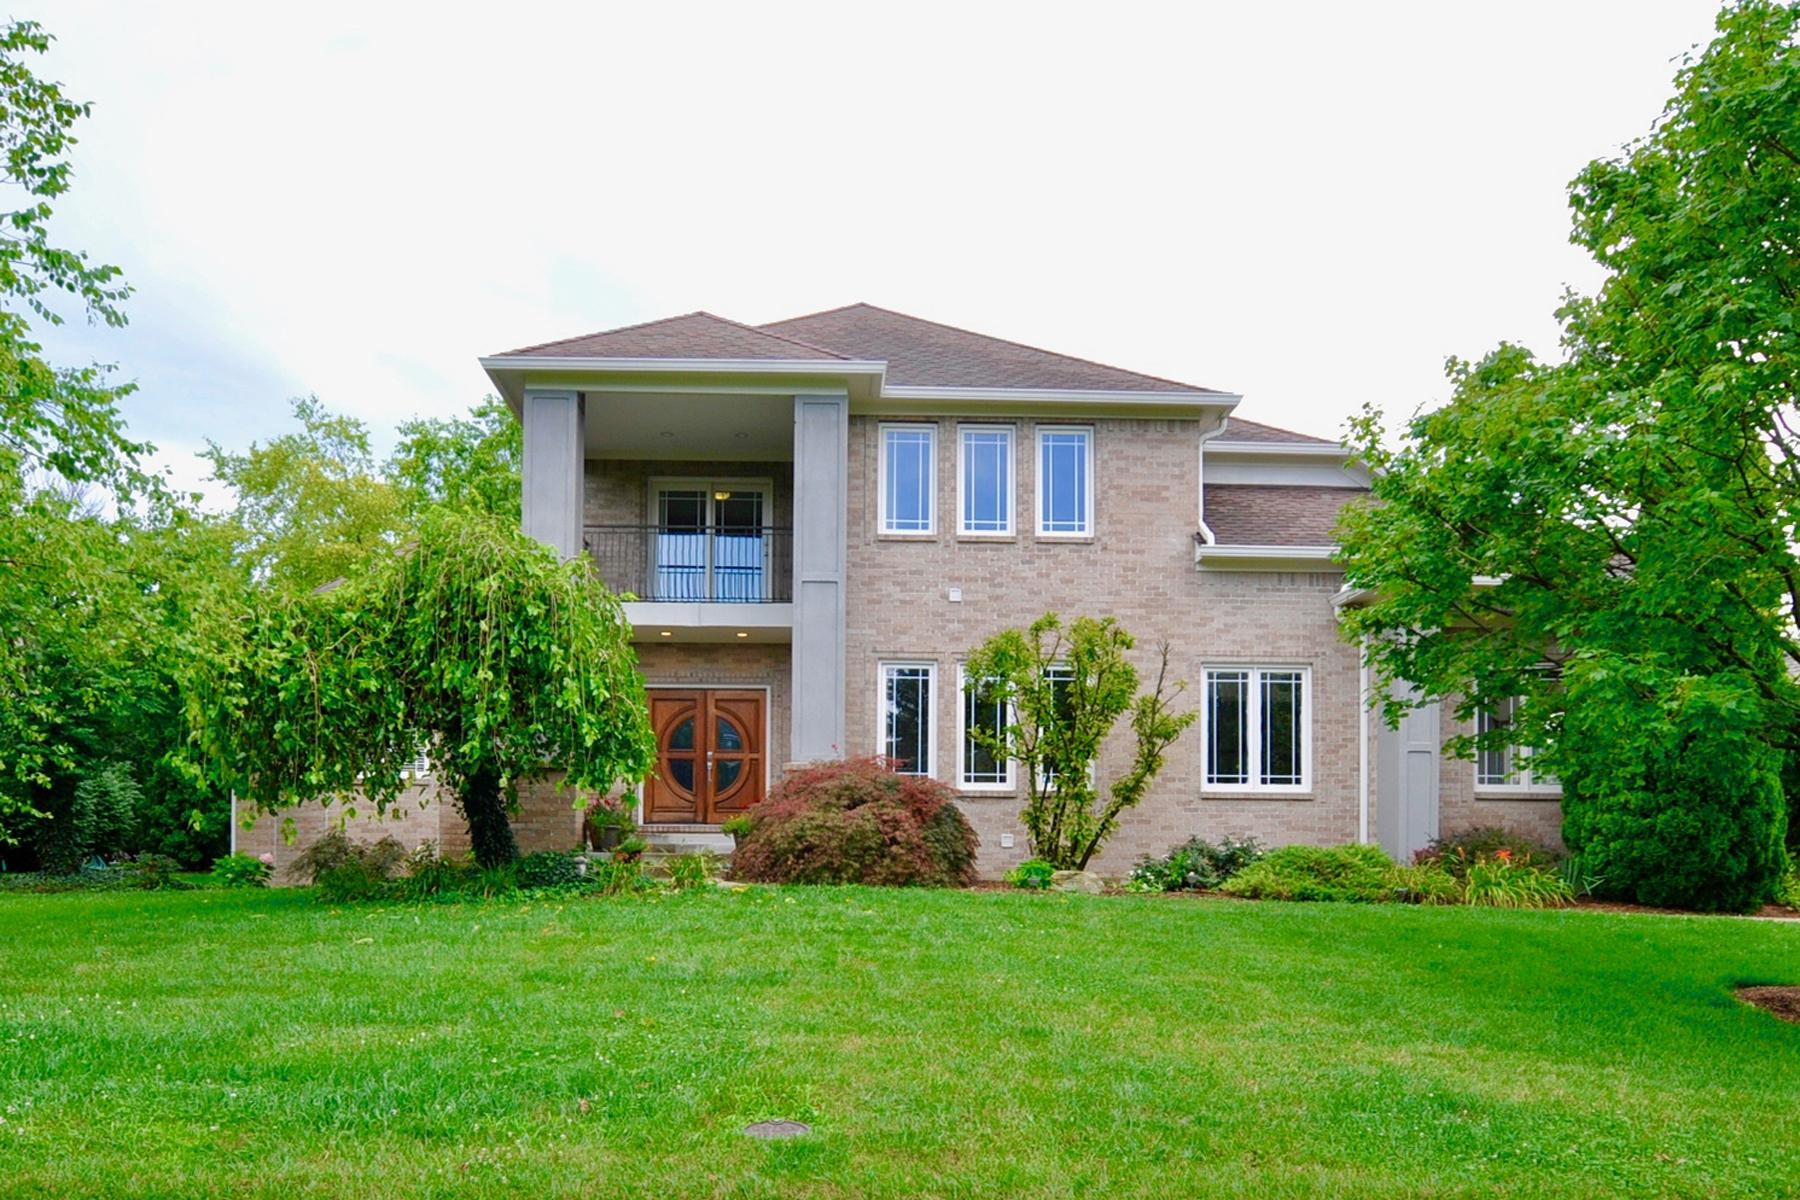 Частный односемейный дом для того Продажа на Elegant Homes Rests on Private Lot 11758 Arborhill Drive Zionsville, Индиана, 46077 Соединенные Штаты